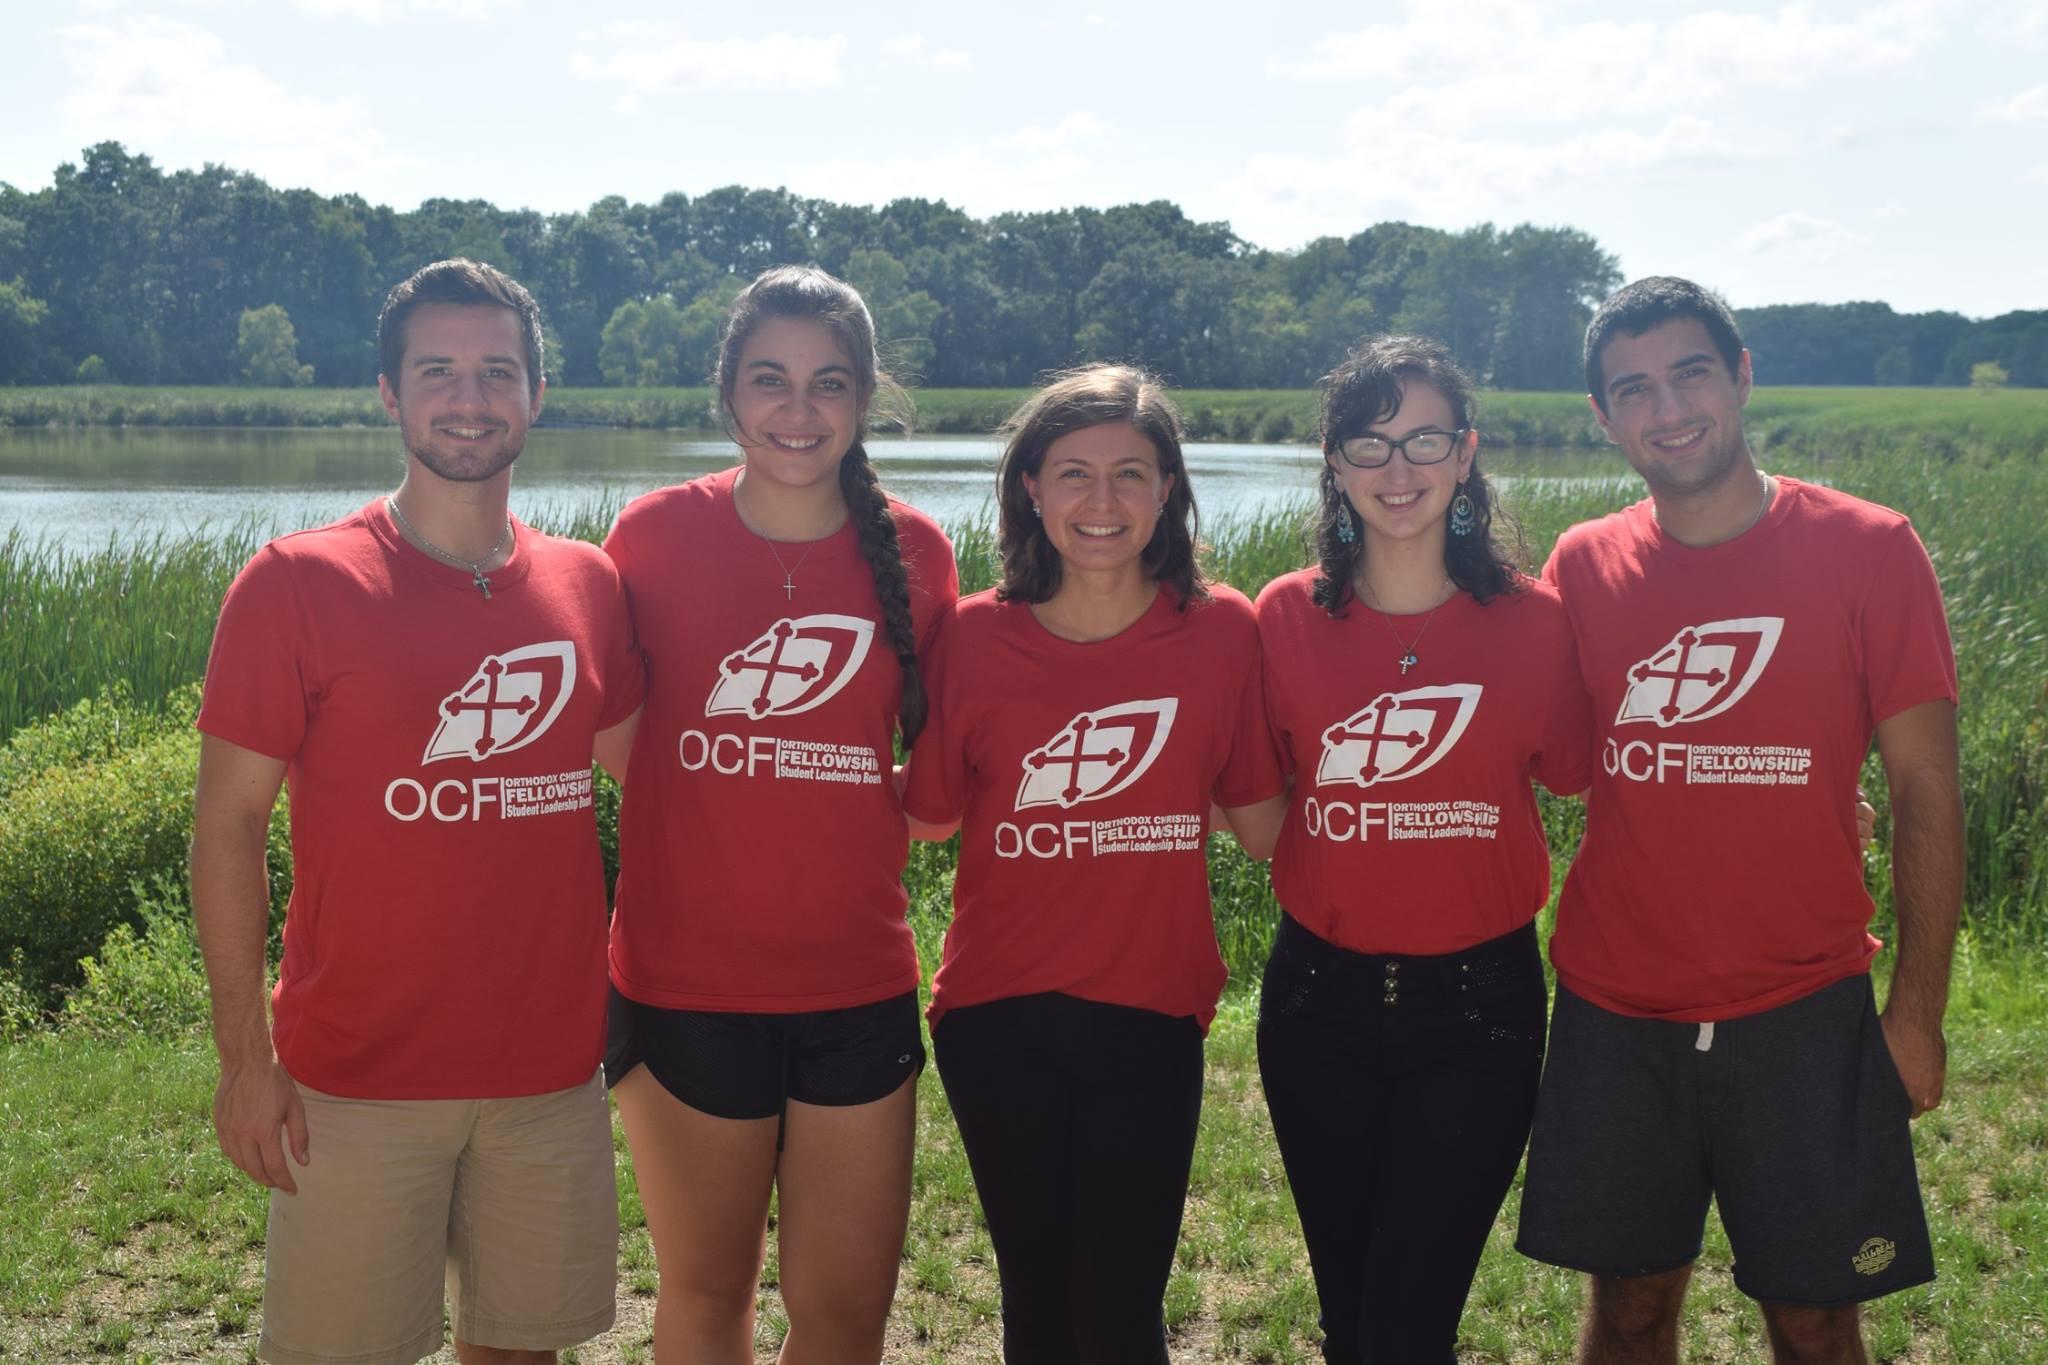 OCF Student Leaders